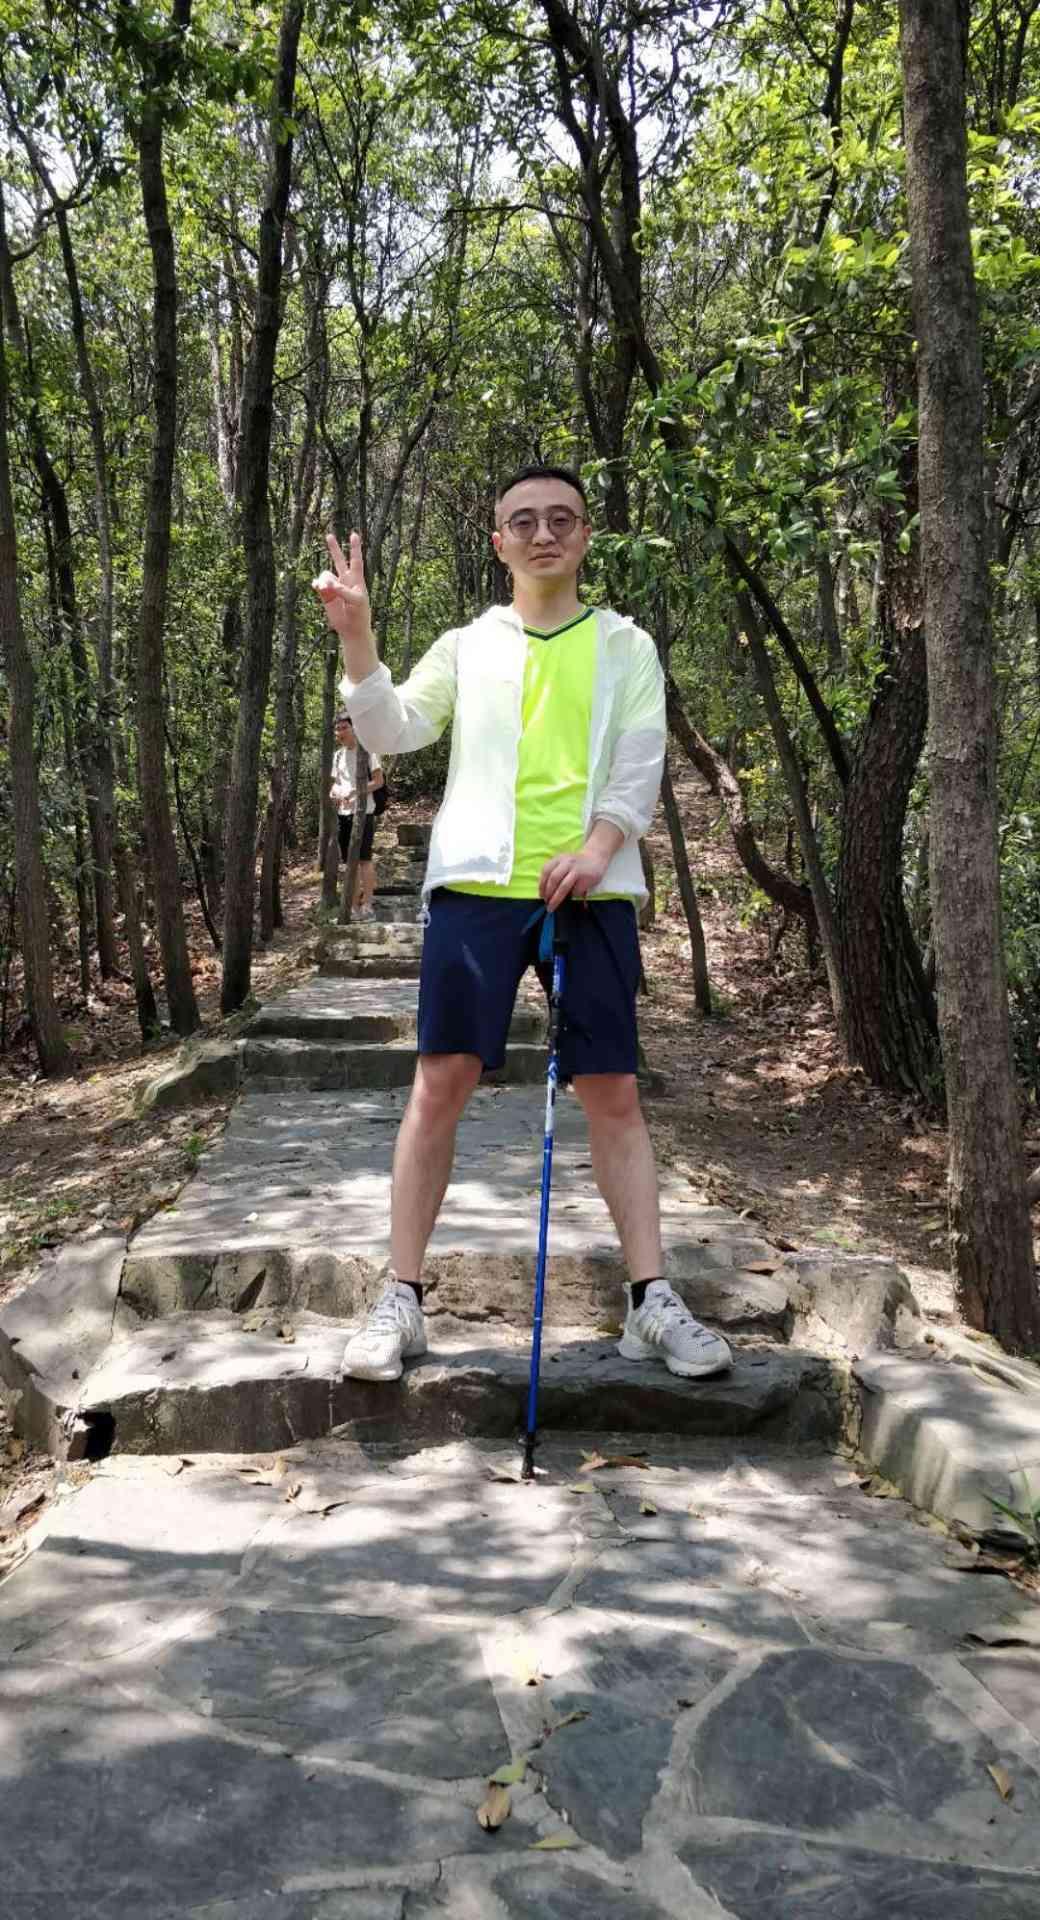 浙江杭州滨江区Super吉吉国王